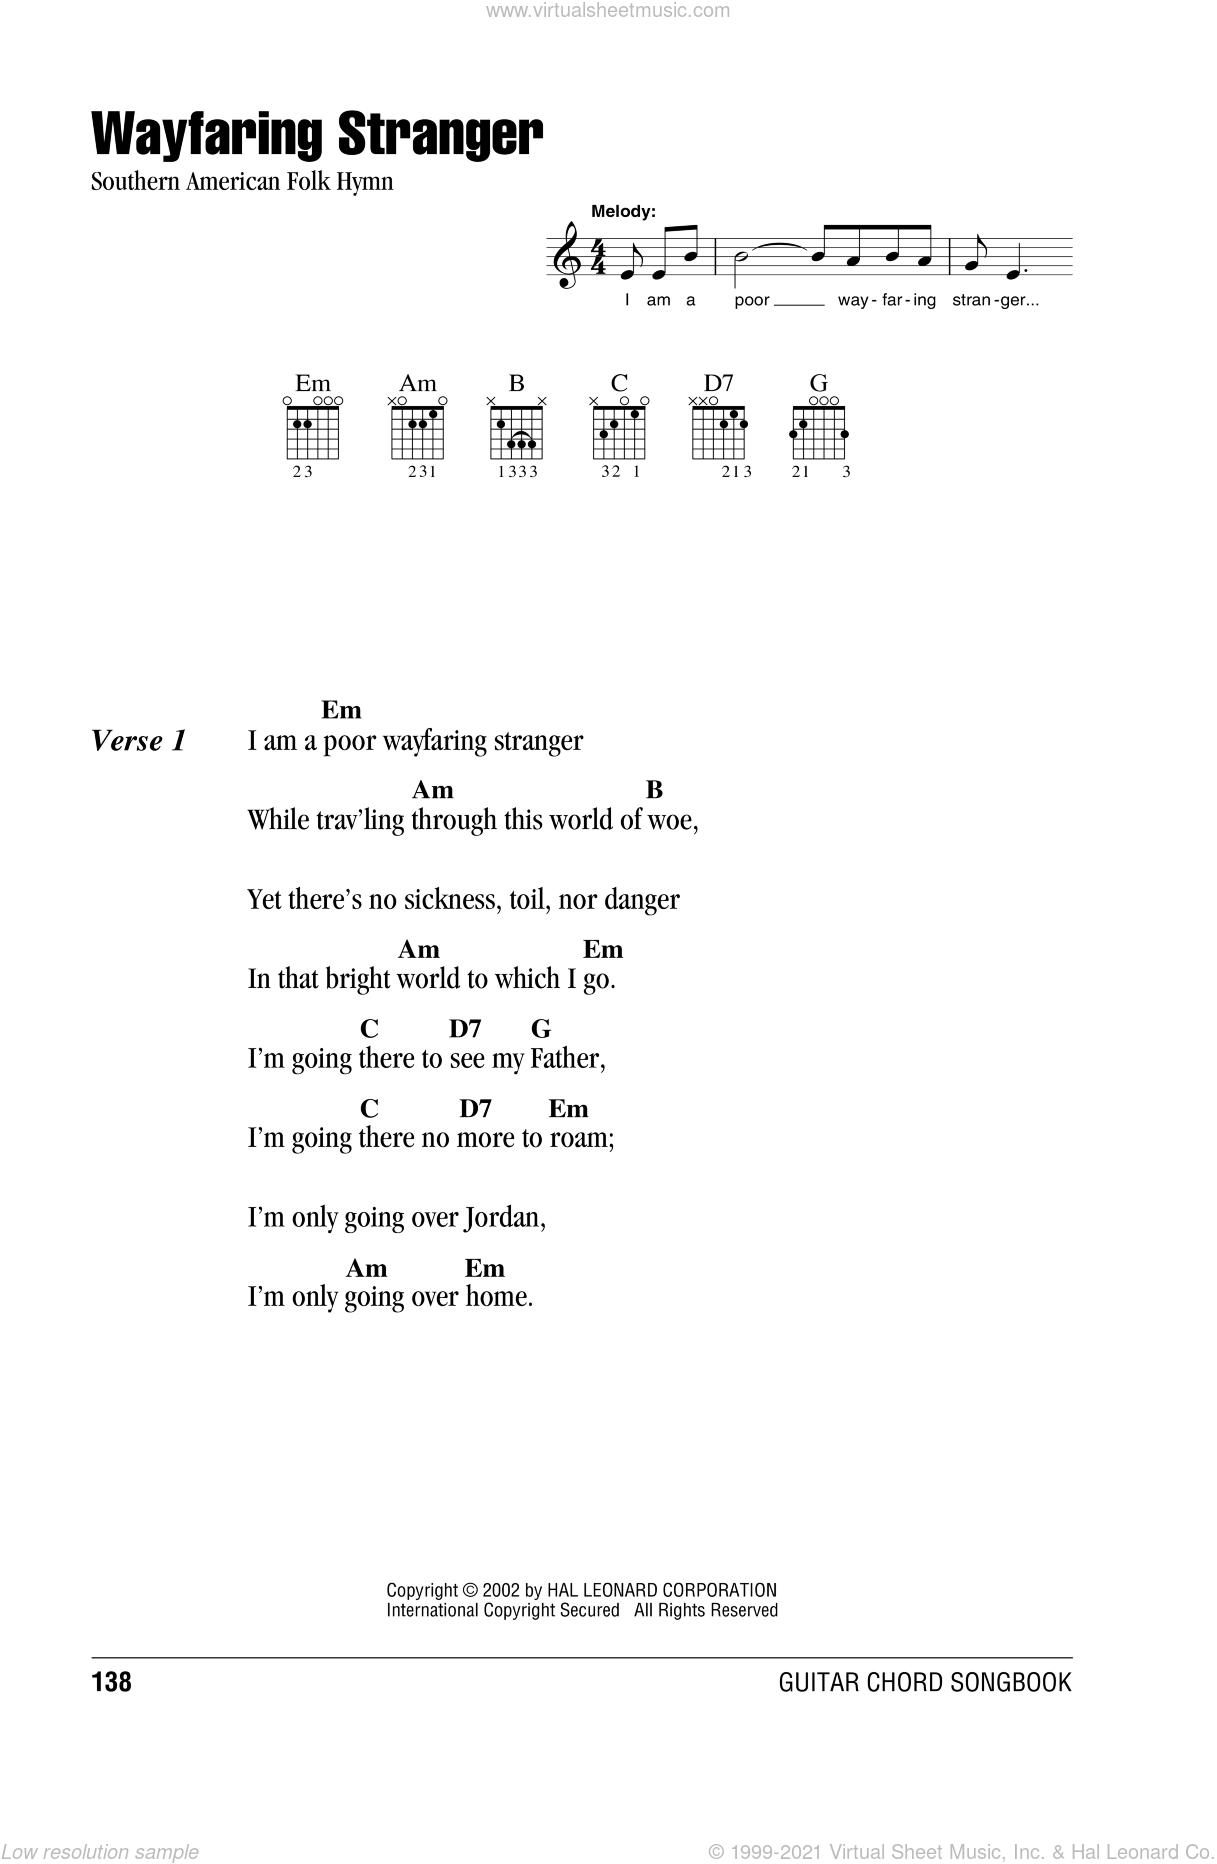 Wayfaring Stranger sheet music for guitar (chords) [PDF]